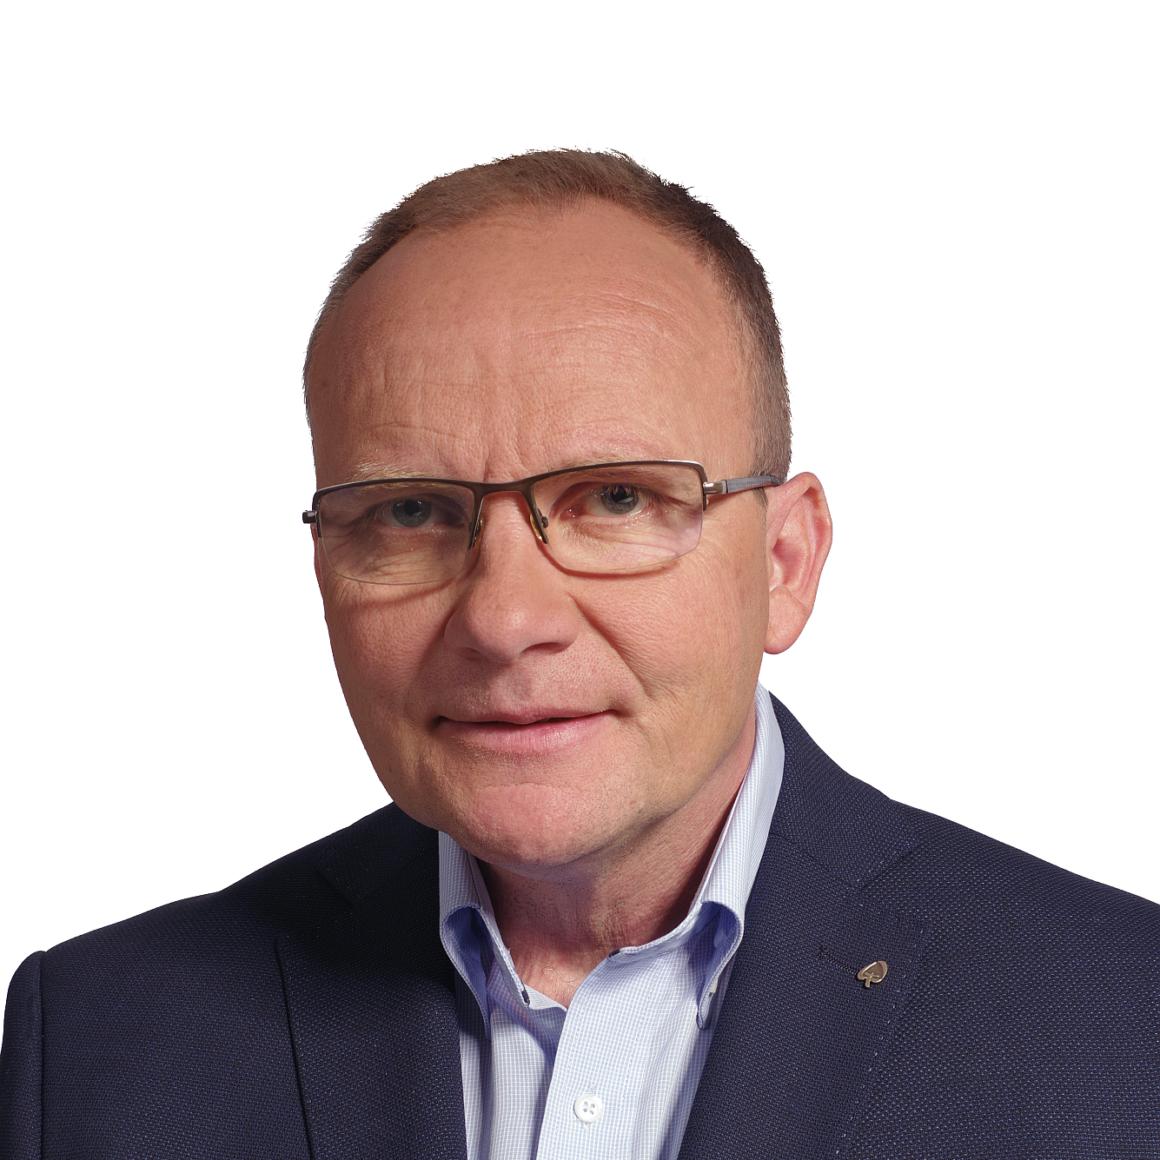 Oblíbený starosta se o Žebětín stará už 20 let a chce pokračovat